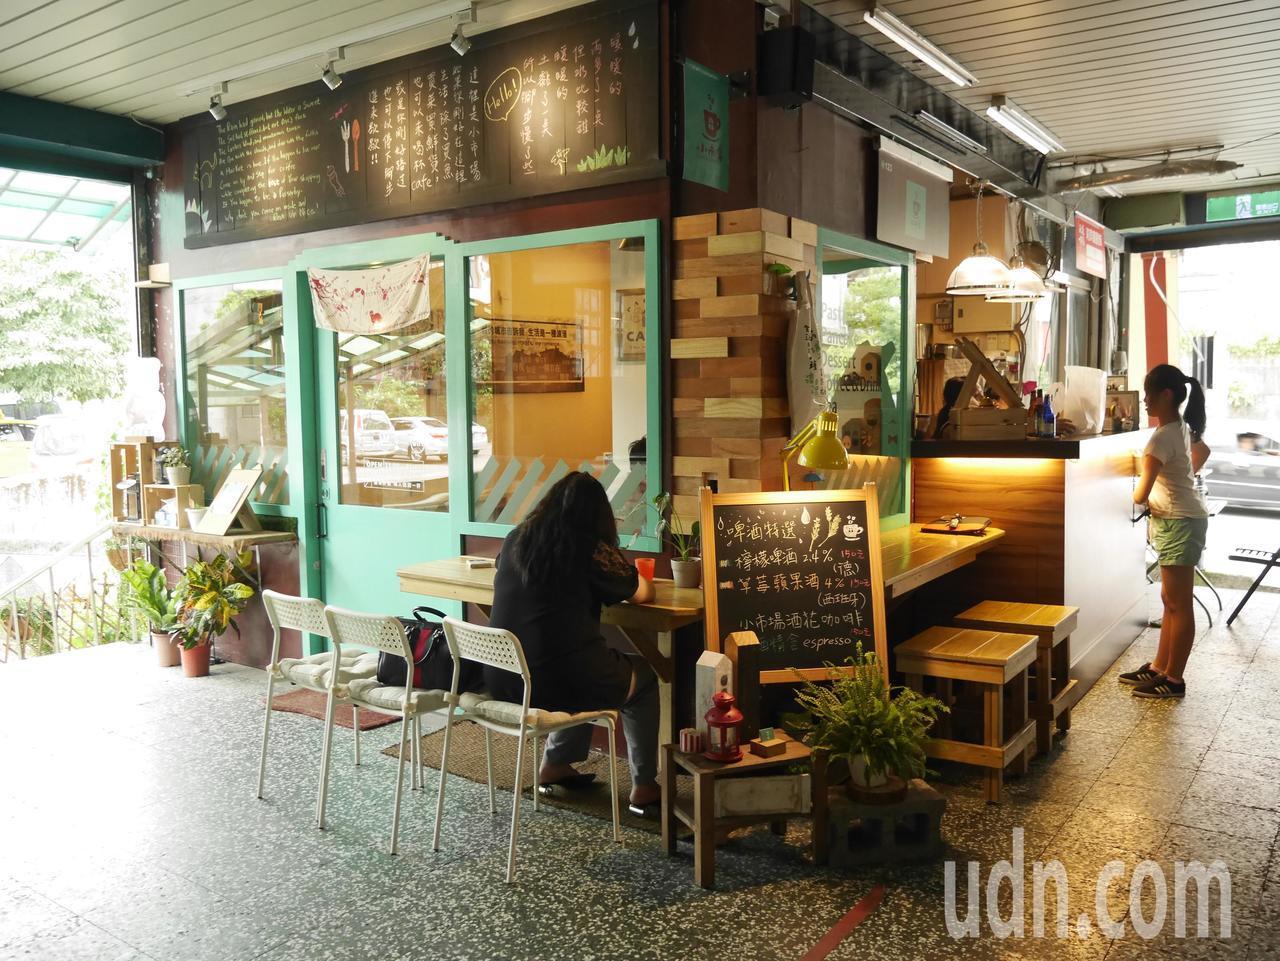 小市場咖啡,是一家有「暖暖」人情味的小店,曾拿下菜市場金馬獎之稱的樂活名攤4顆星...